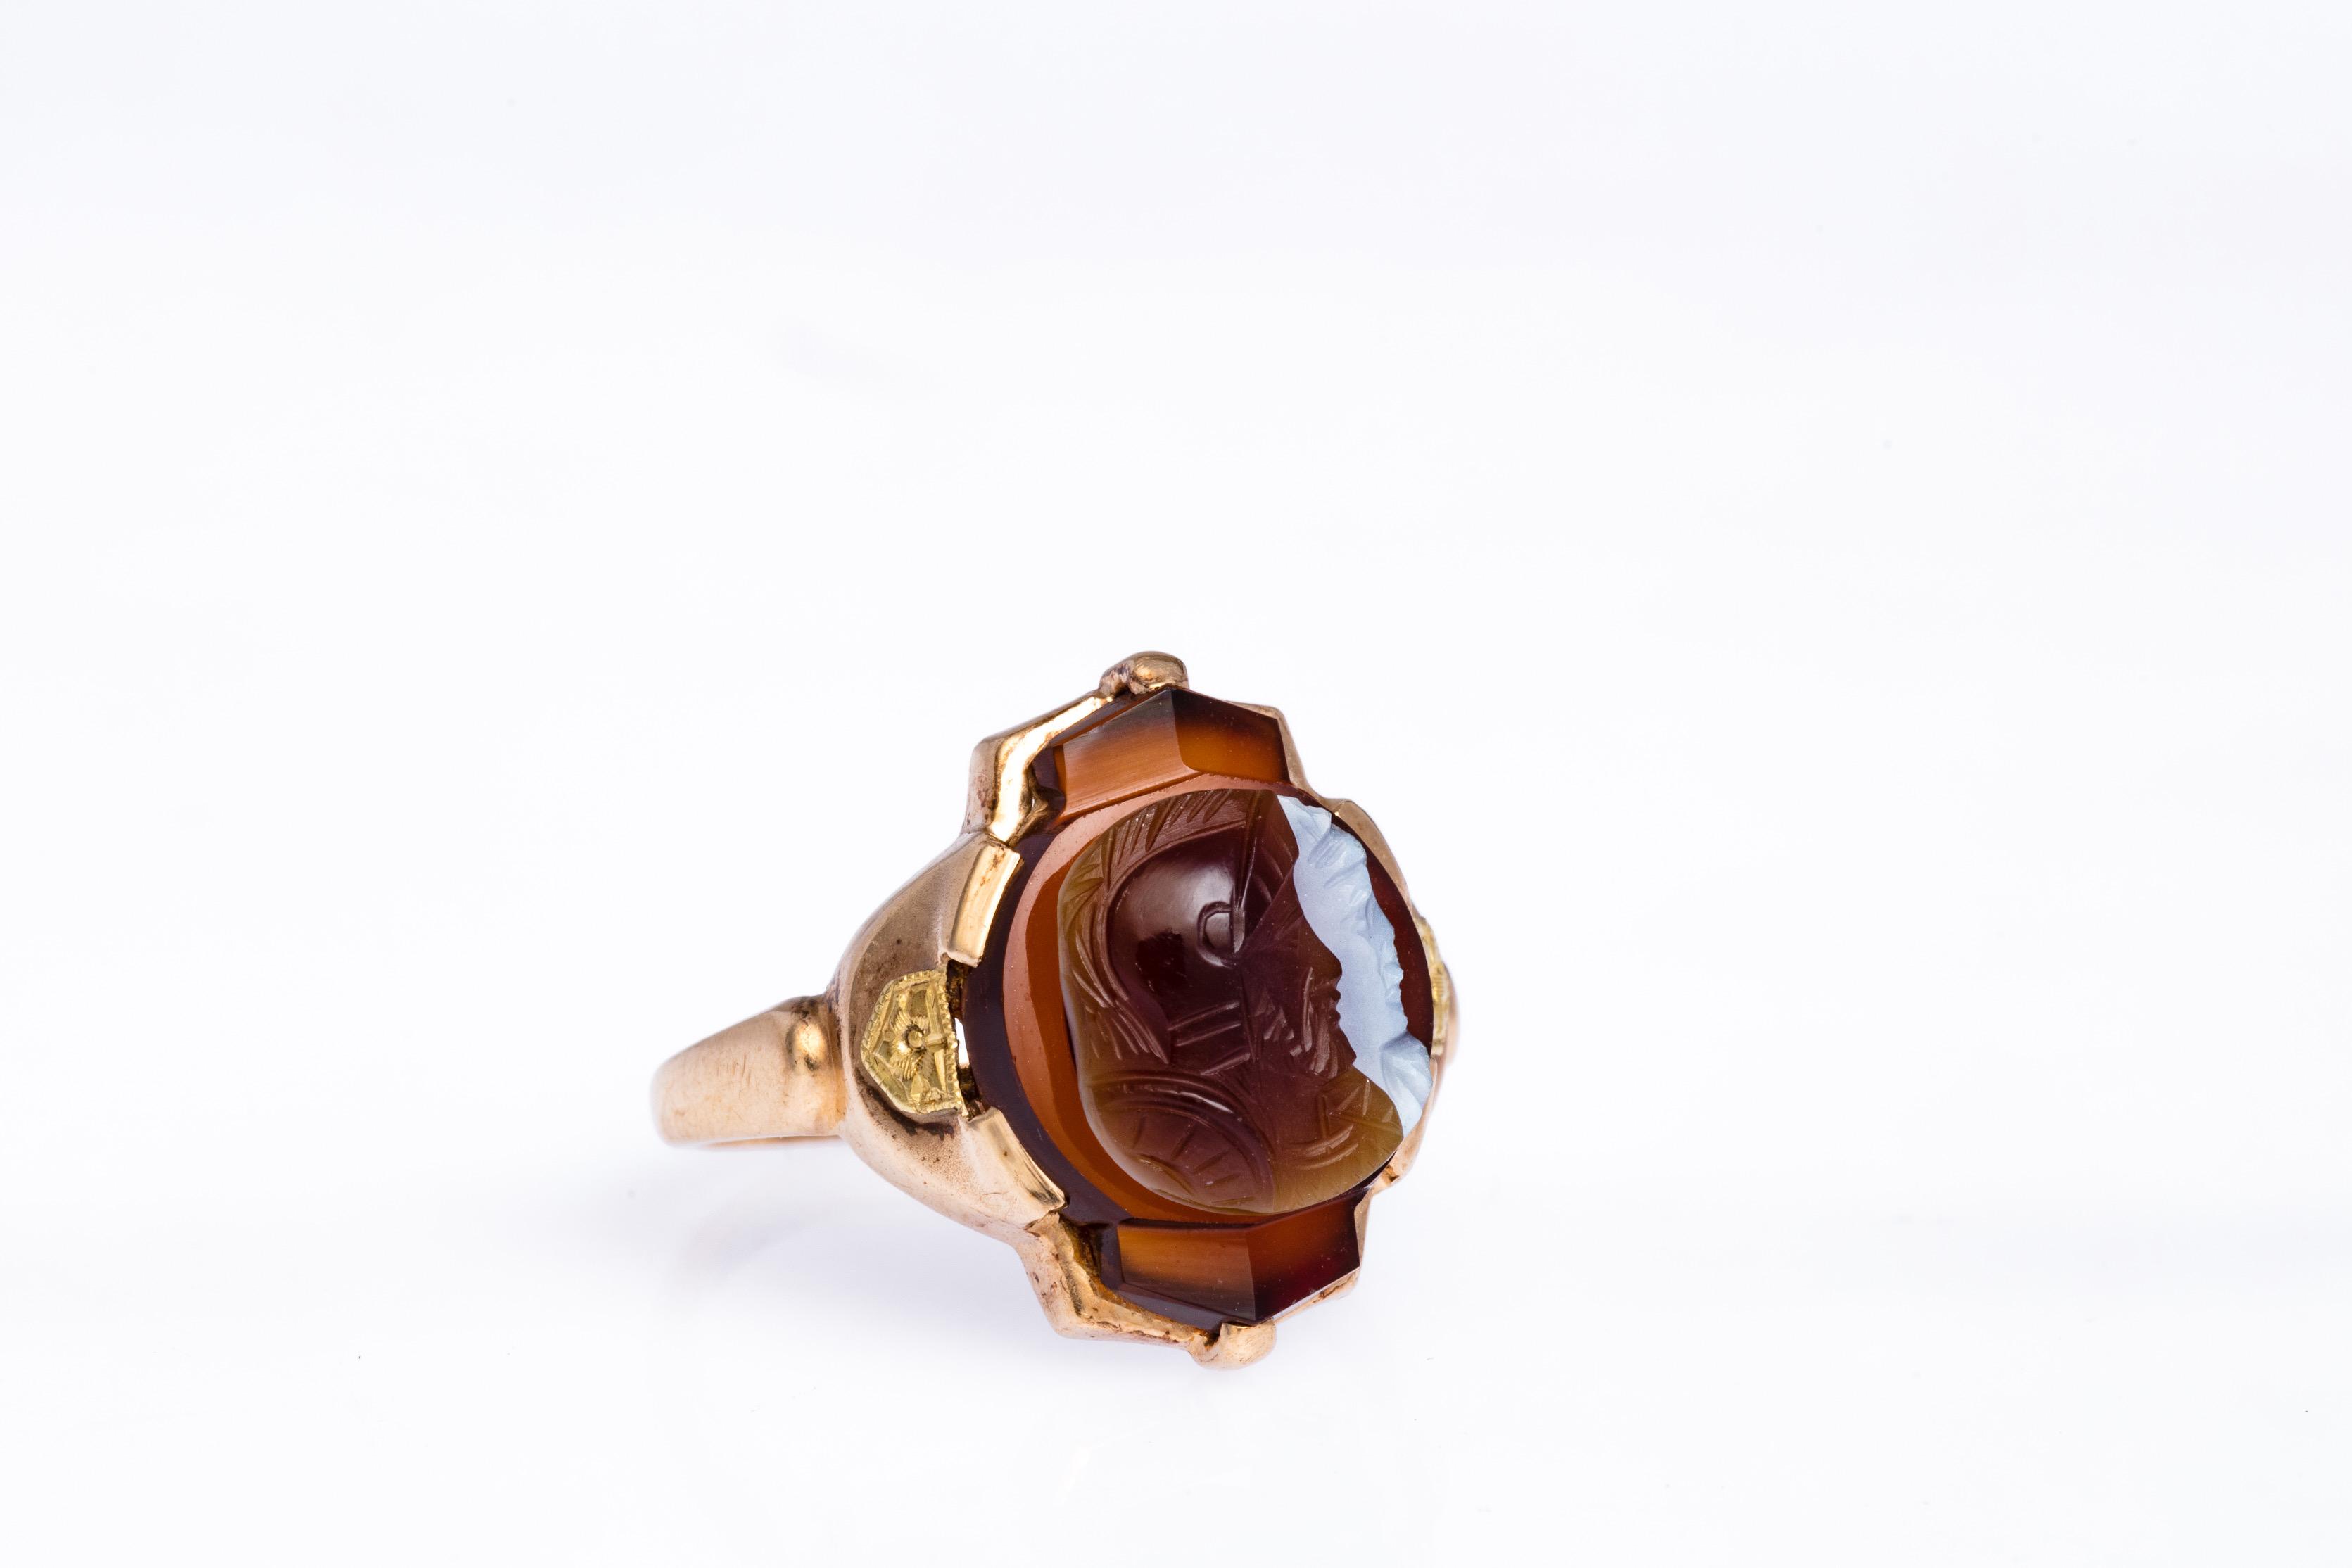 Riqueza Jewellery